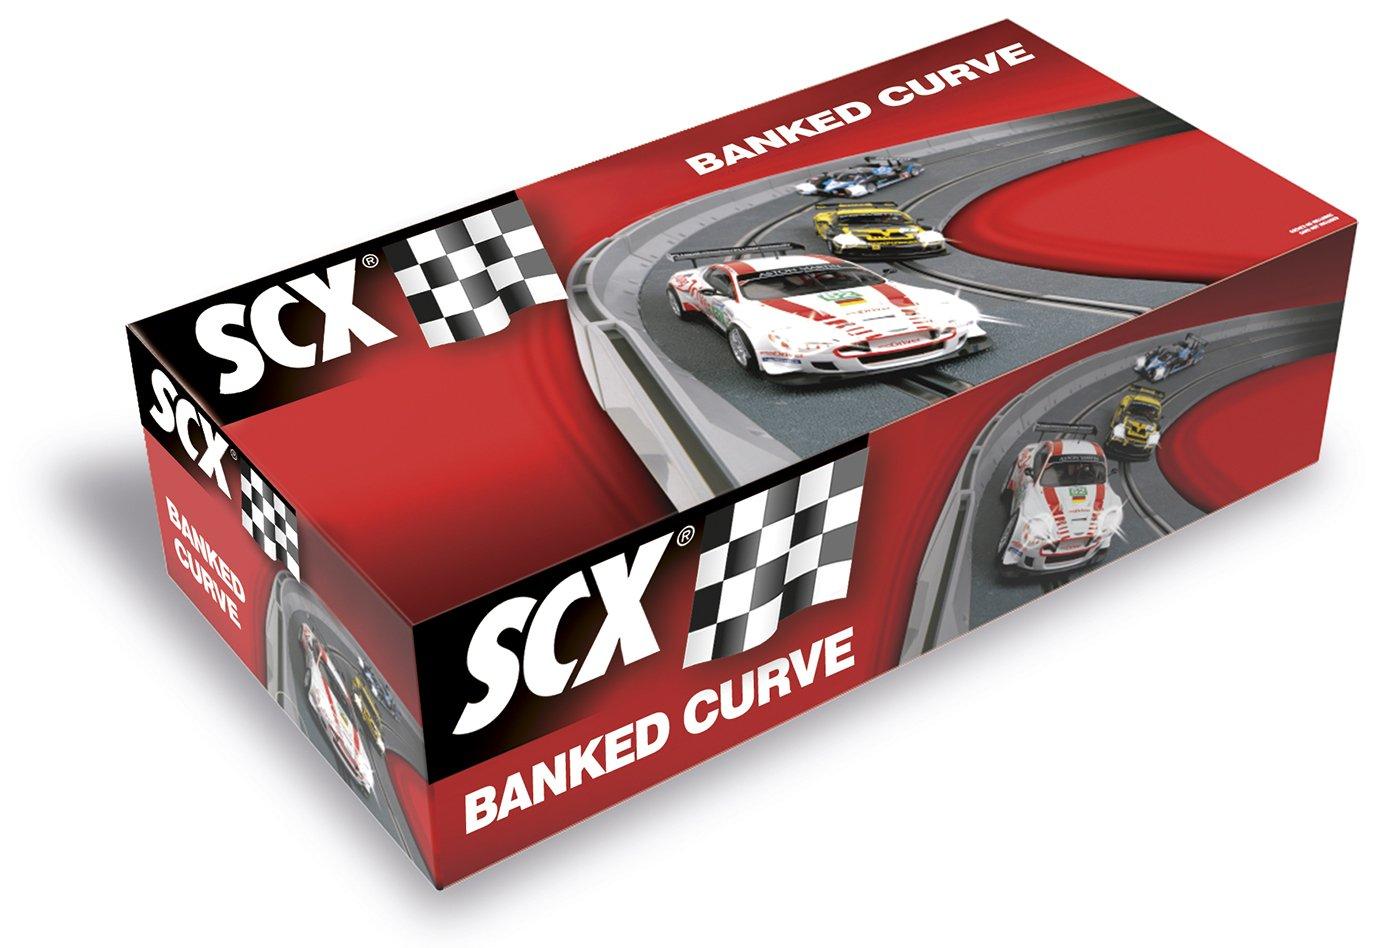 Scalextric Curva peraltada universal BX